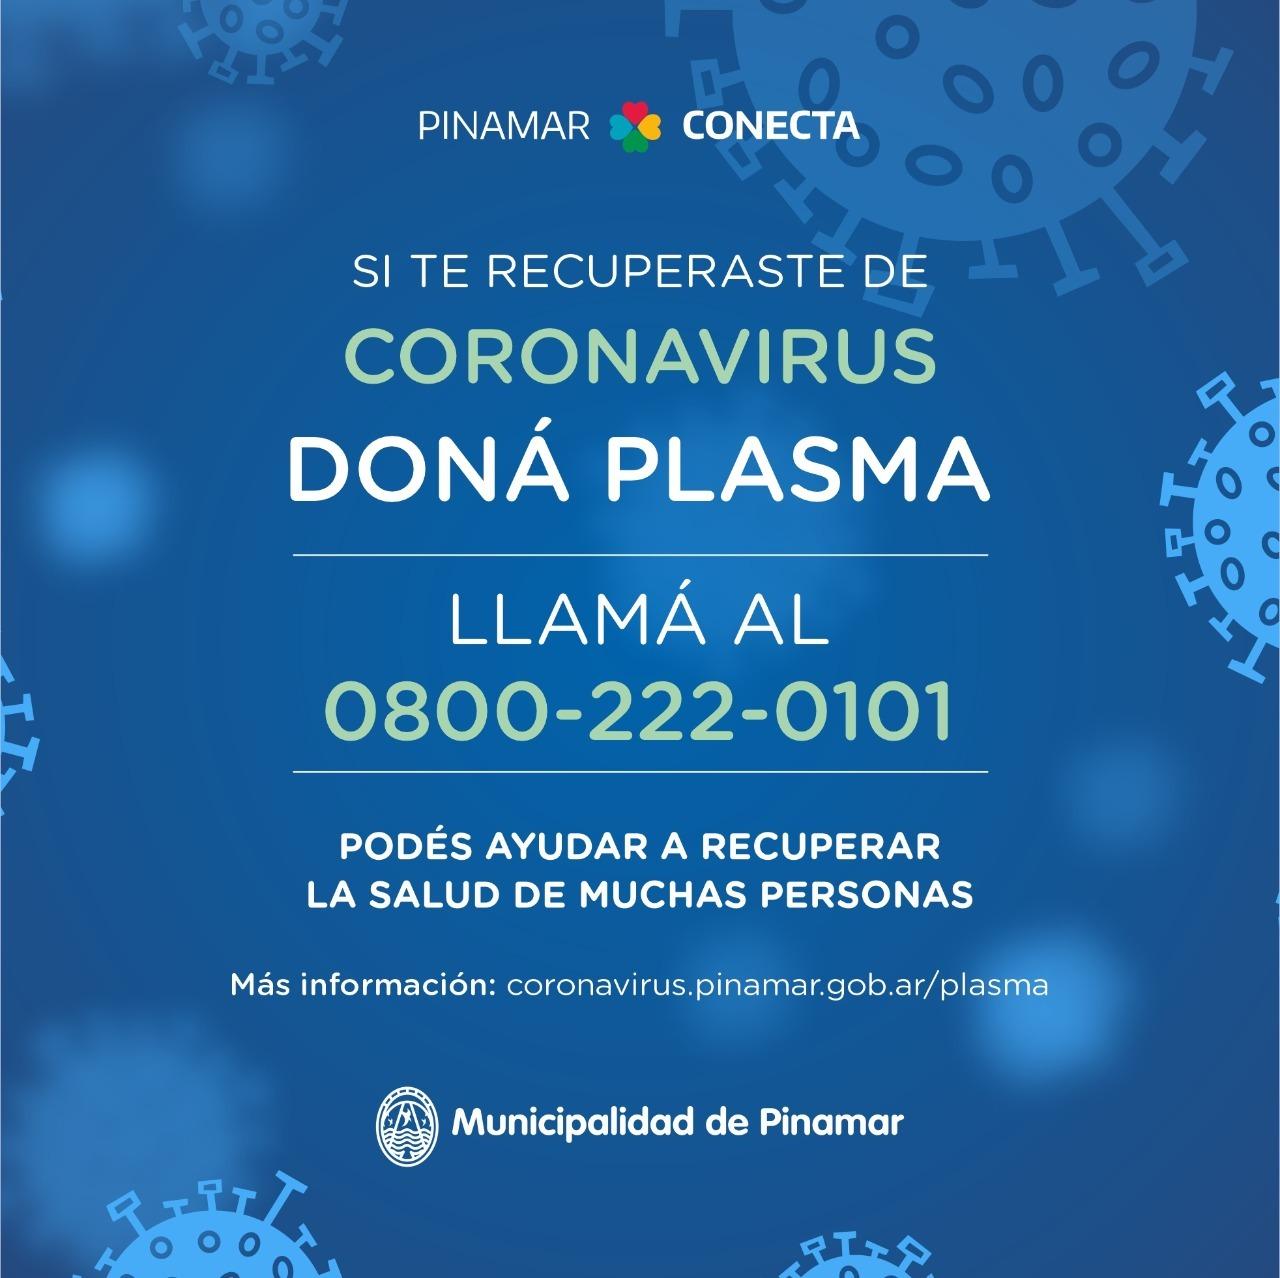 Doná Plasma